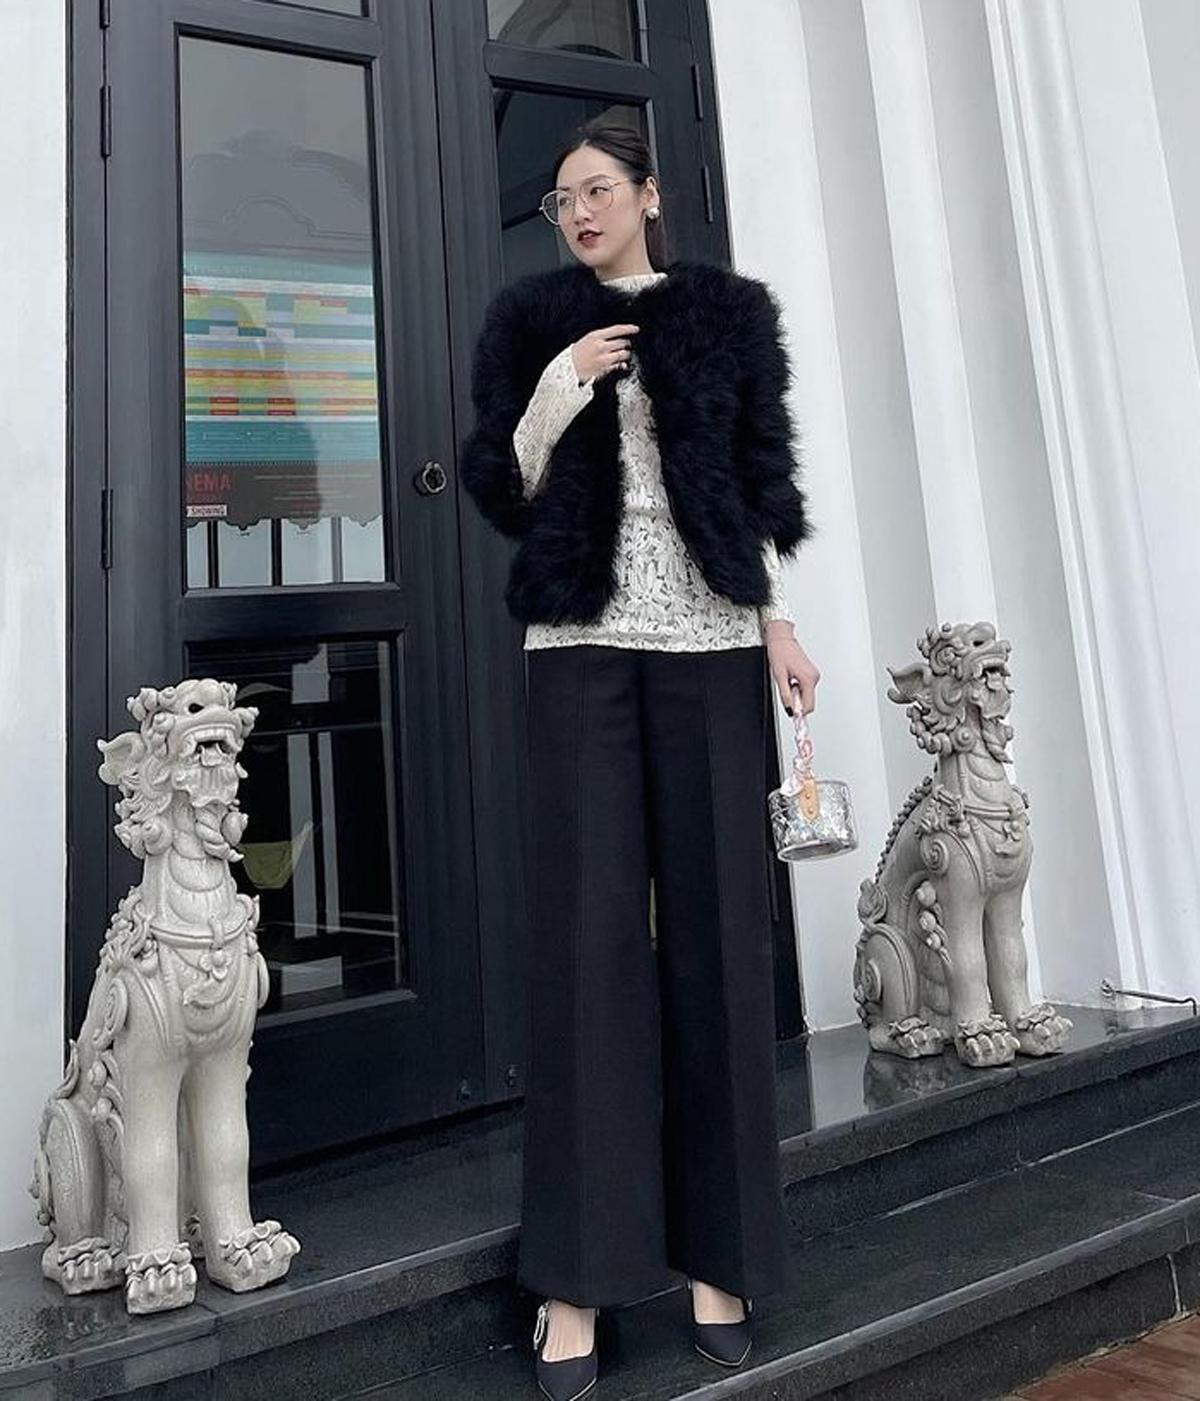 Tú Anh diện áo ren kết hợp cùng quần suông thanh lịch. Chiếc áo lông và túi Louis Vuitton giúp á hậu hoàn thiện vẻ sang chảnh cho set đồ.